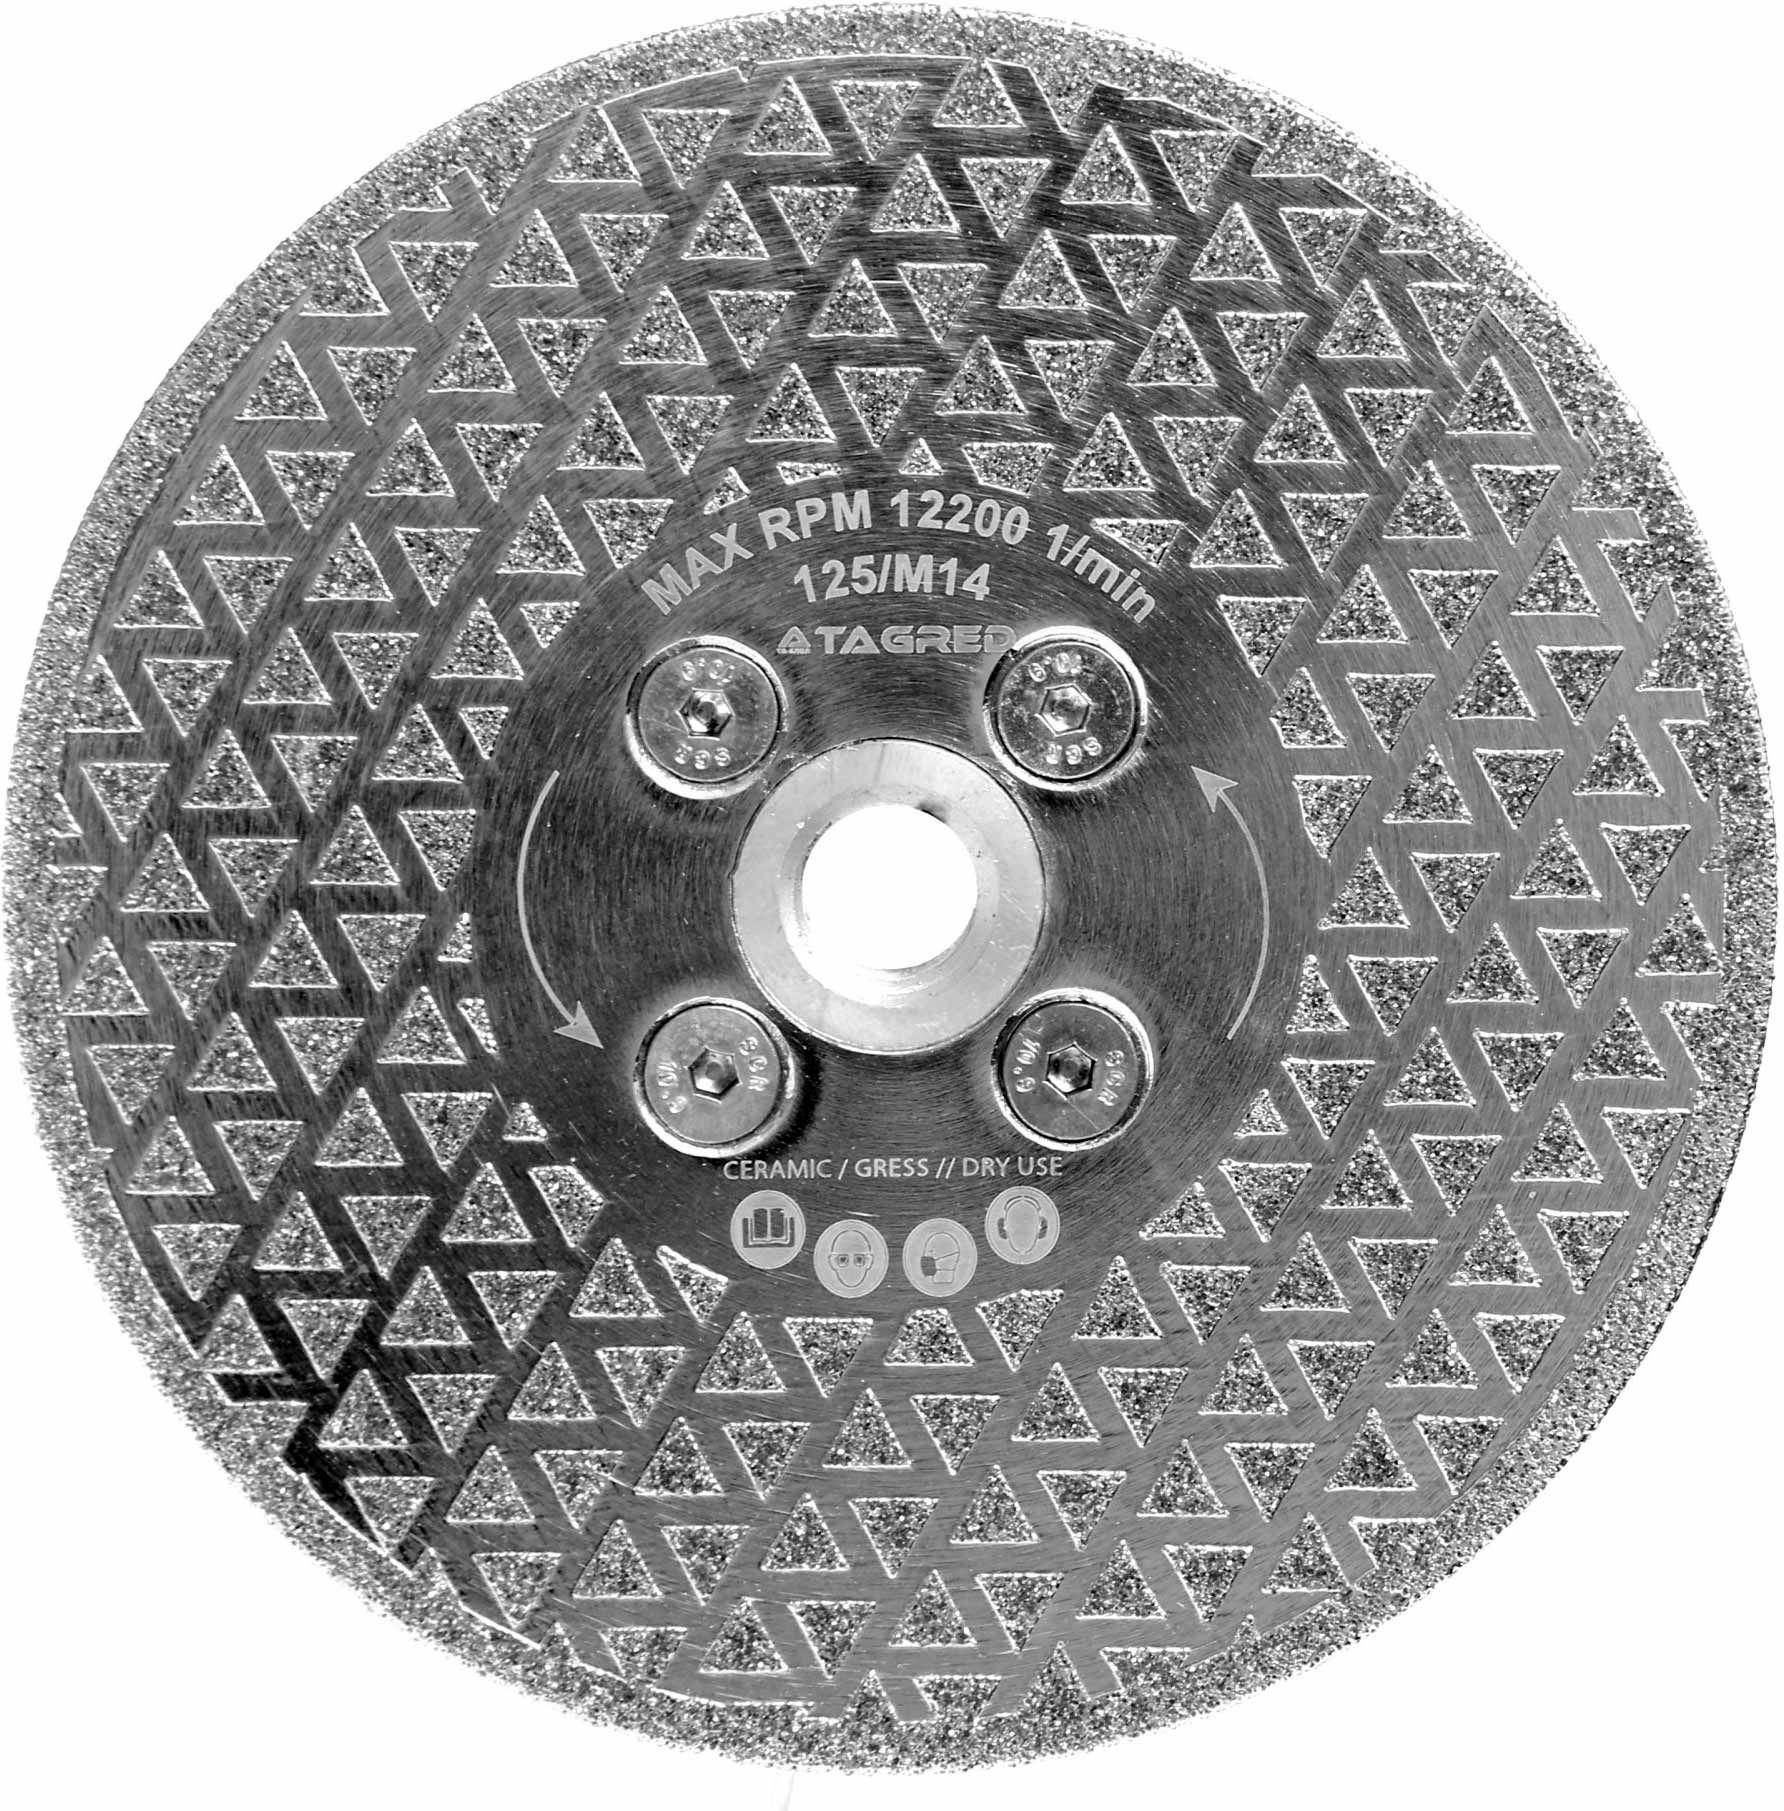 Tarcza diamentowa 2w1 do cięcia, szlifowania płytek, fazowania kamienia, gresu, ceramiki na sucho 125mm M14